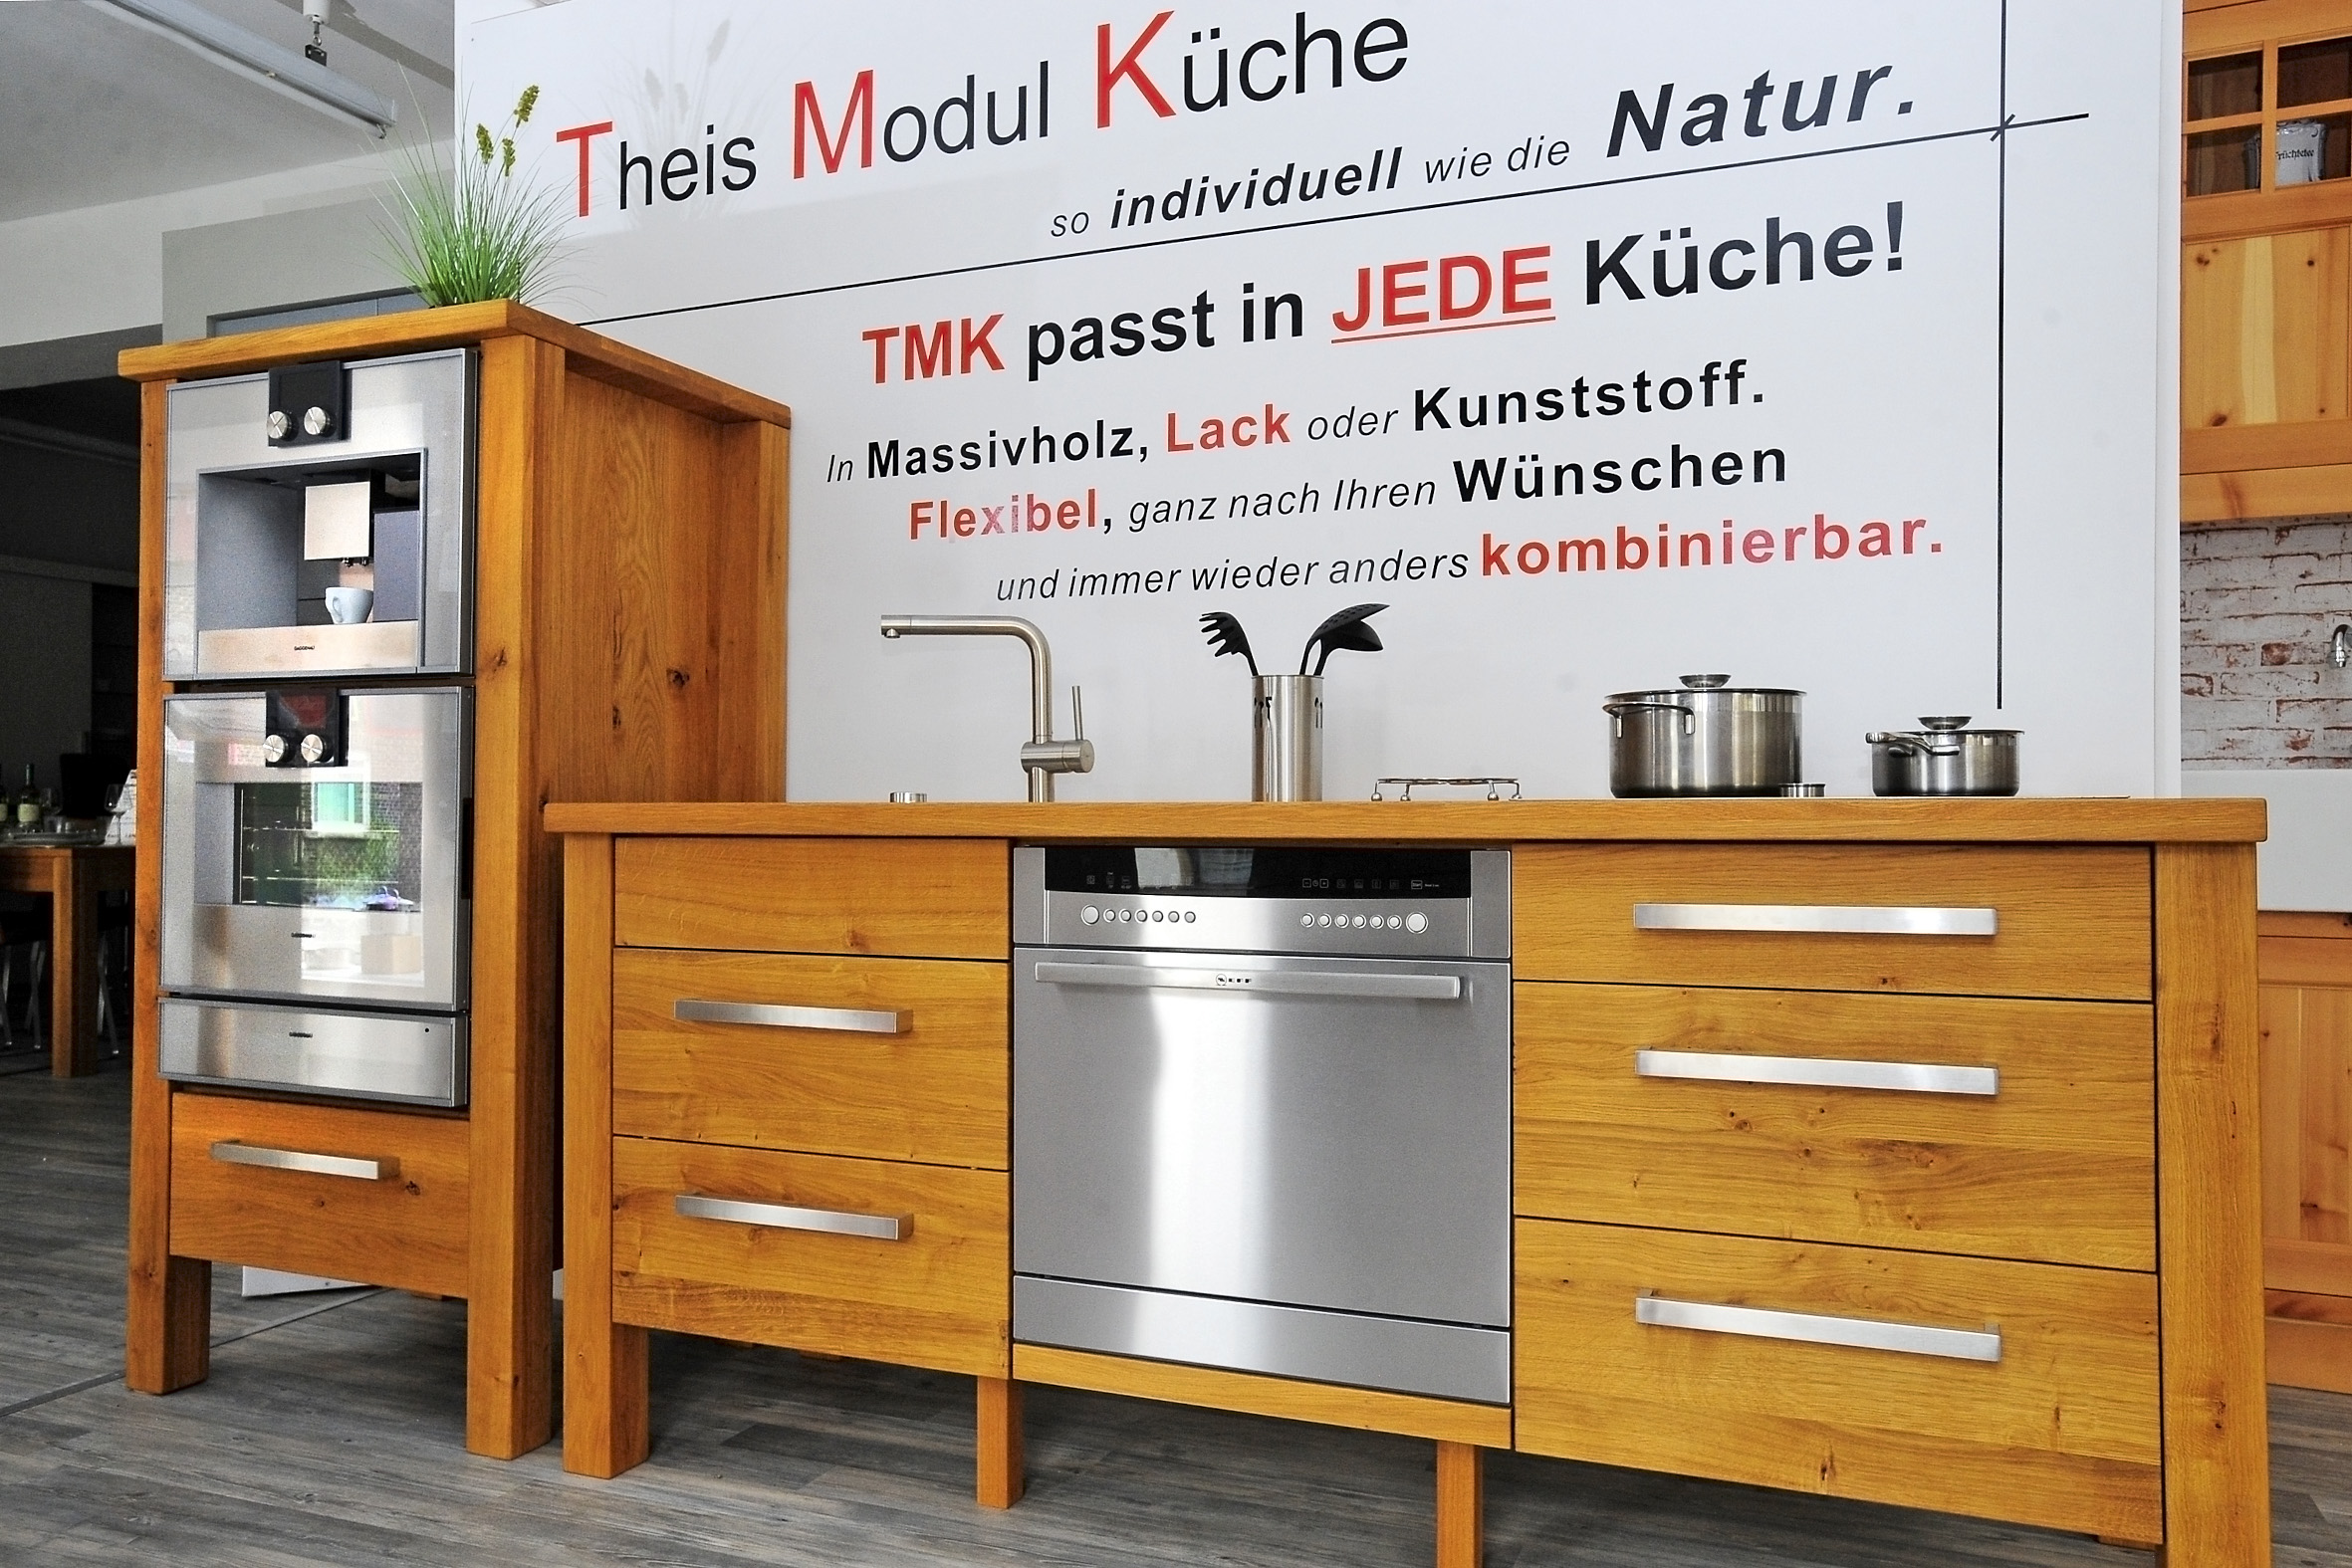 Full Size of Ikea Modulküche Otto Modulküche Modulküche Massivholz Ikea Modulküche Värde Küche Modulküche